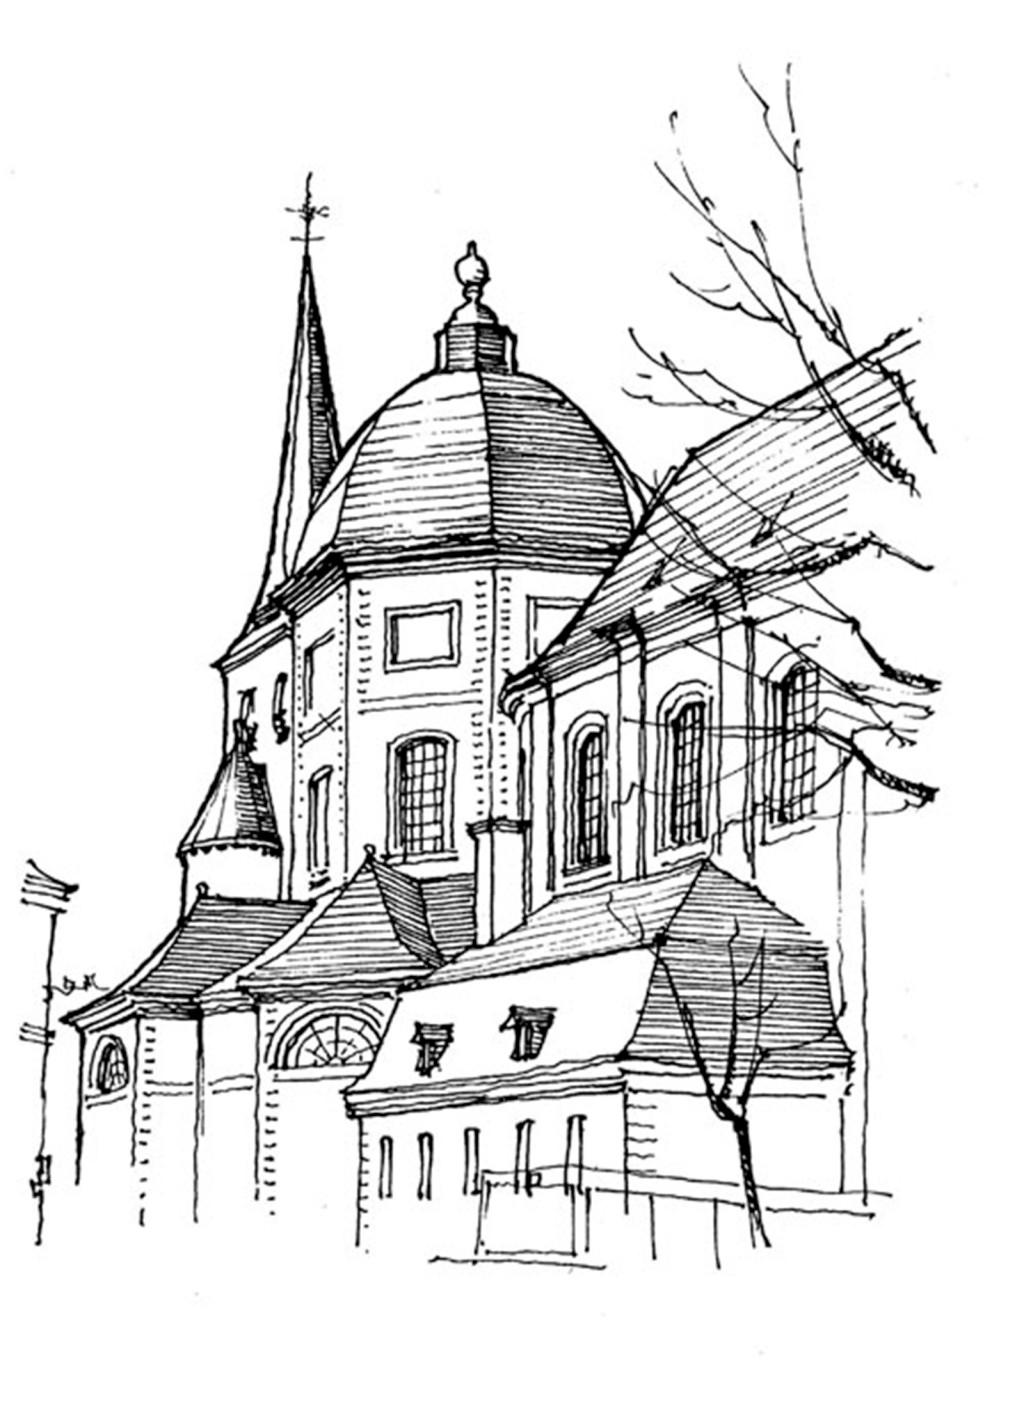 欧式建筑设计效果图 建筑效果图素材免费下载 手绘图 图纸 建筑 平面